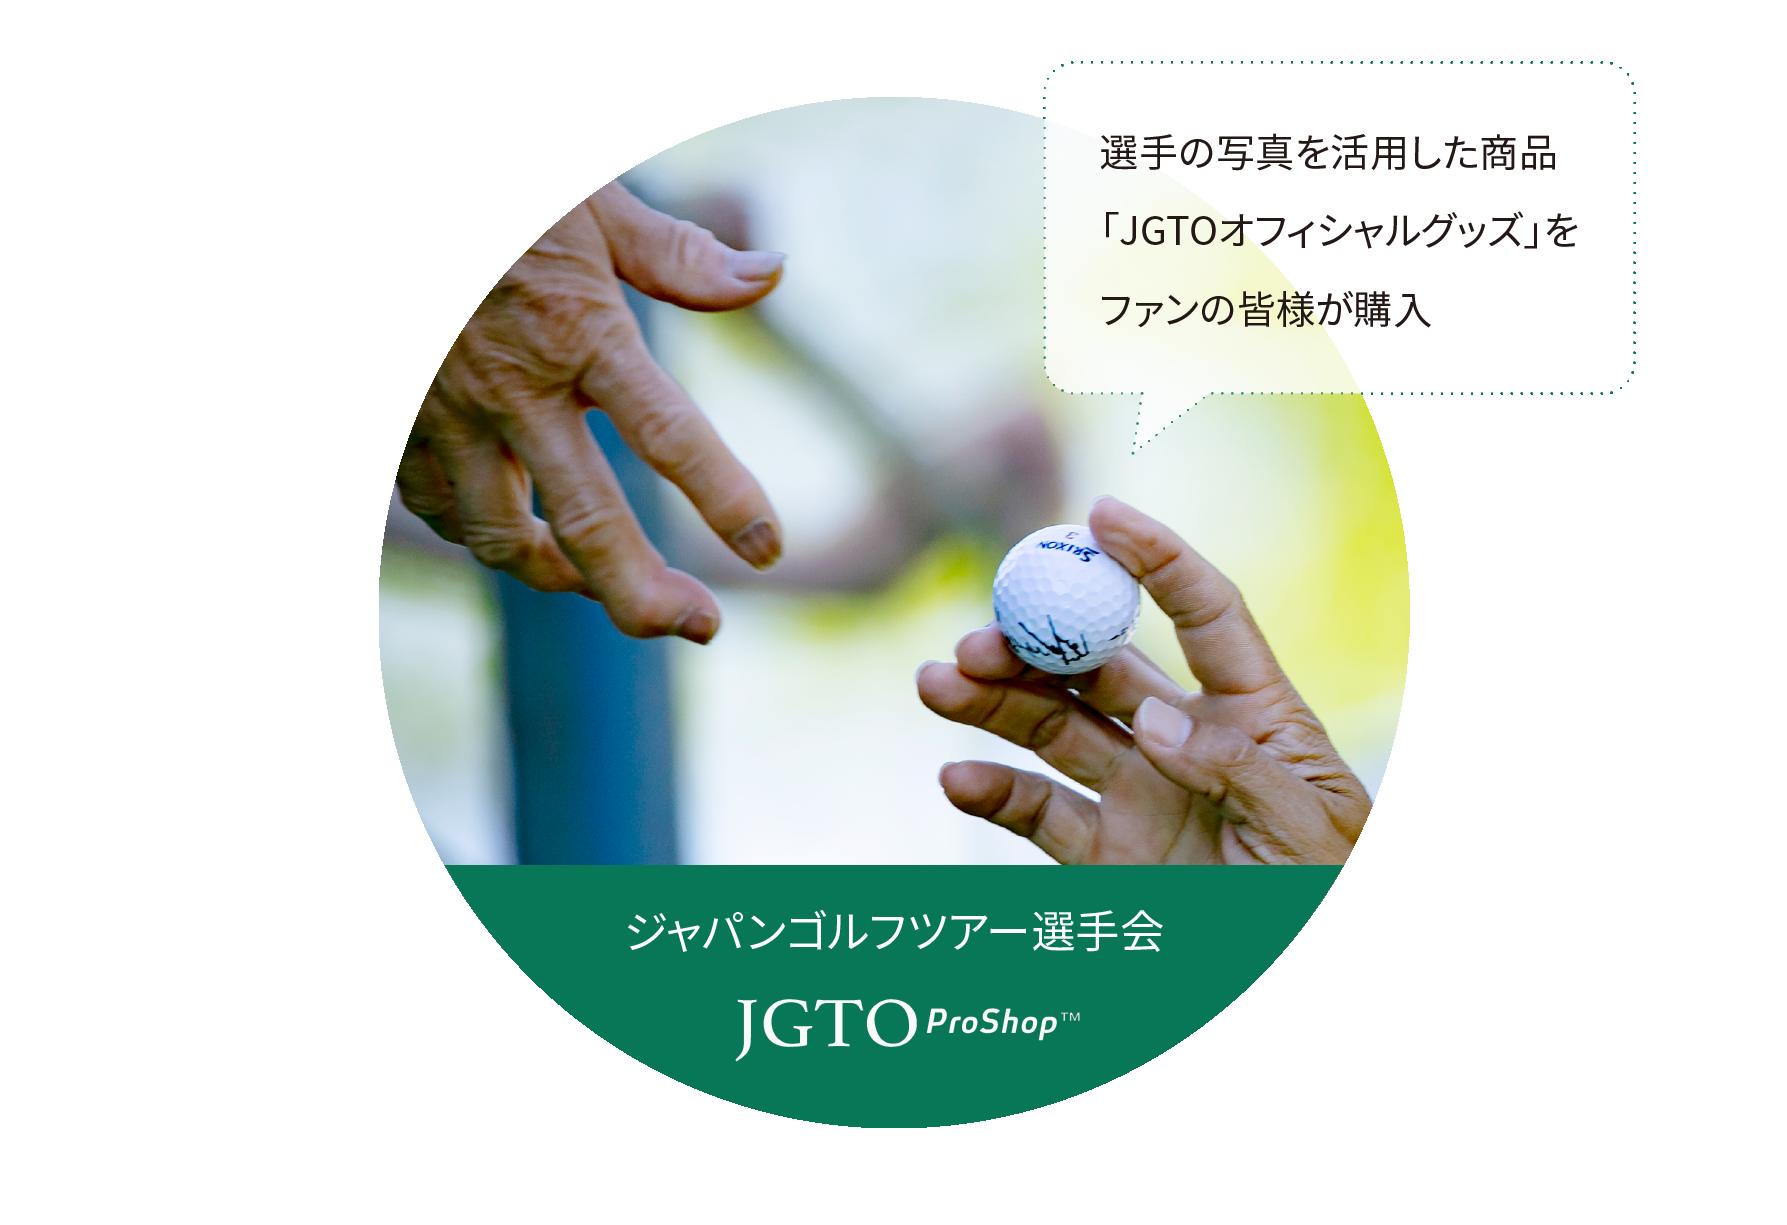 JGTO PRO SHOPの取り組み